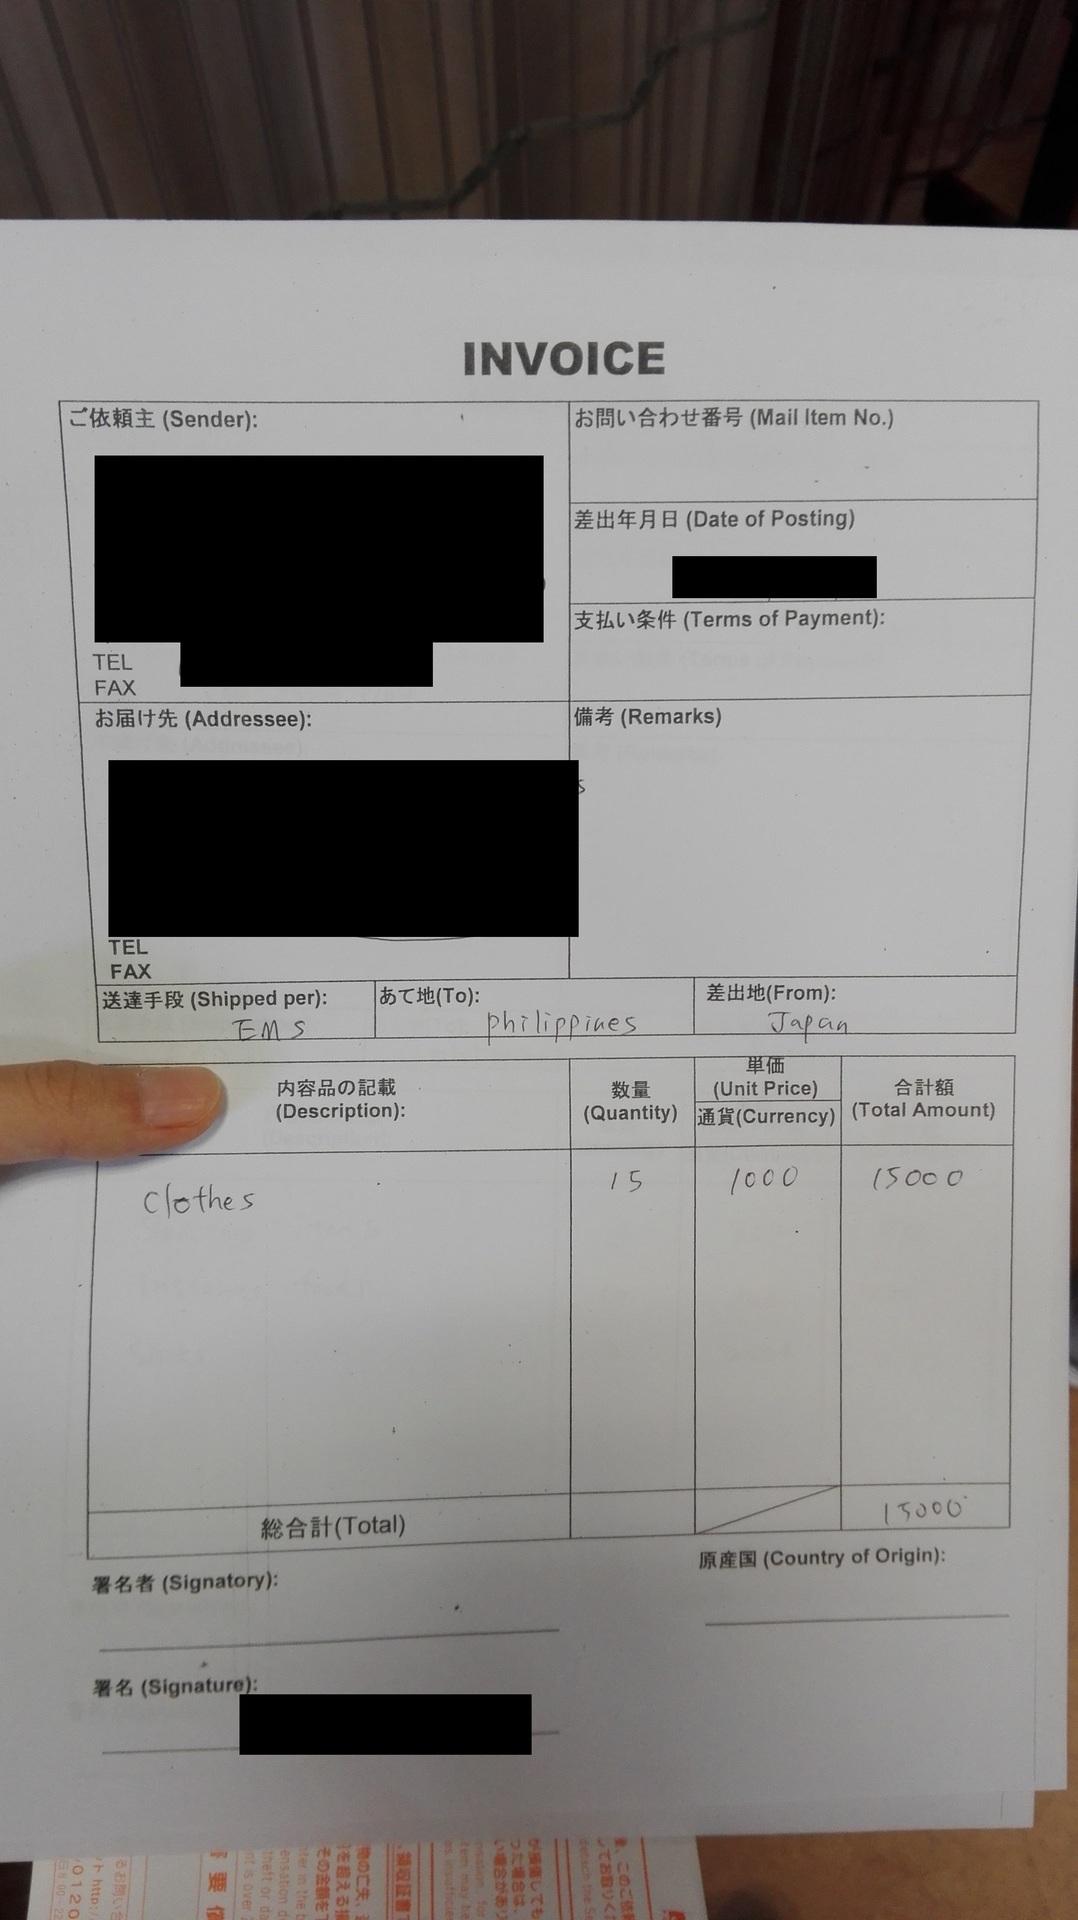 ems-invoice.jpg